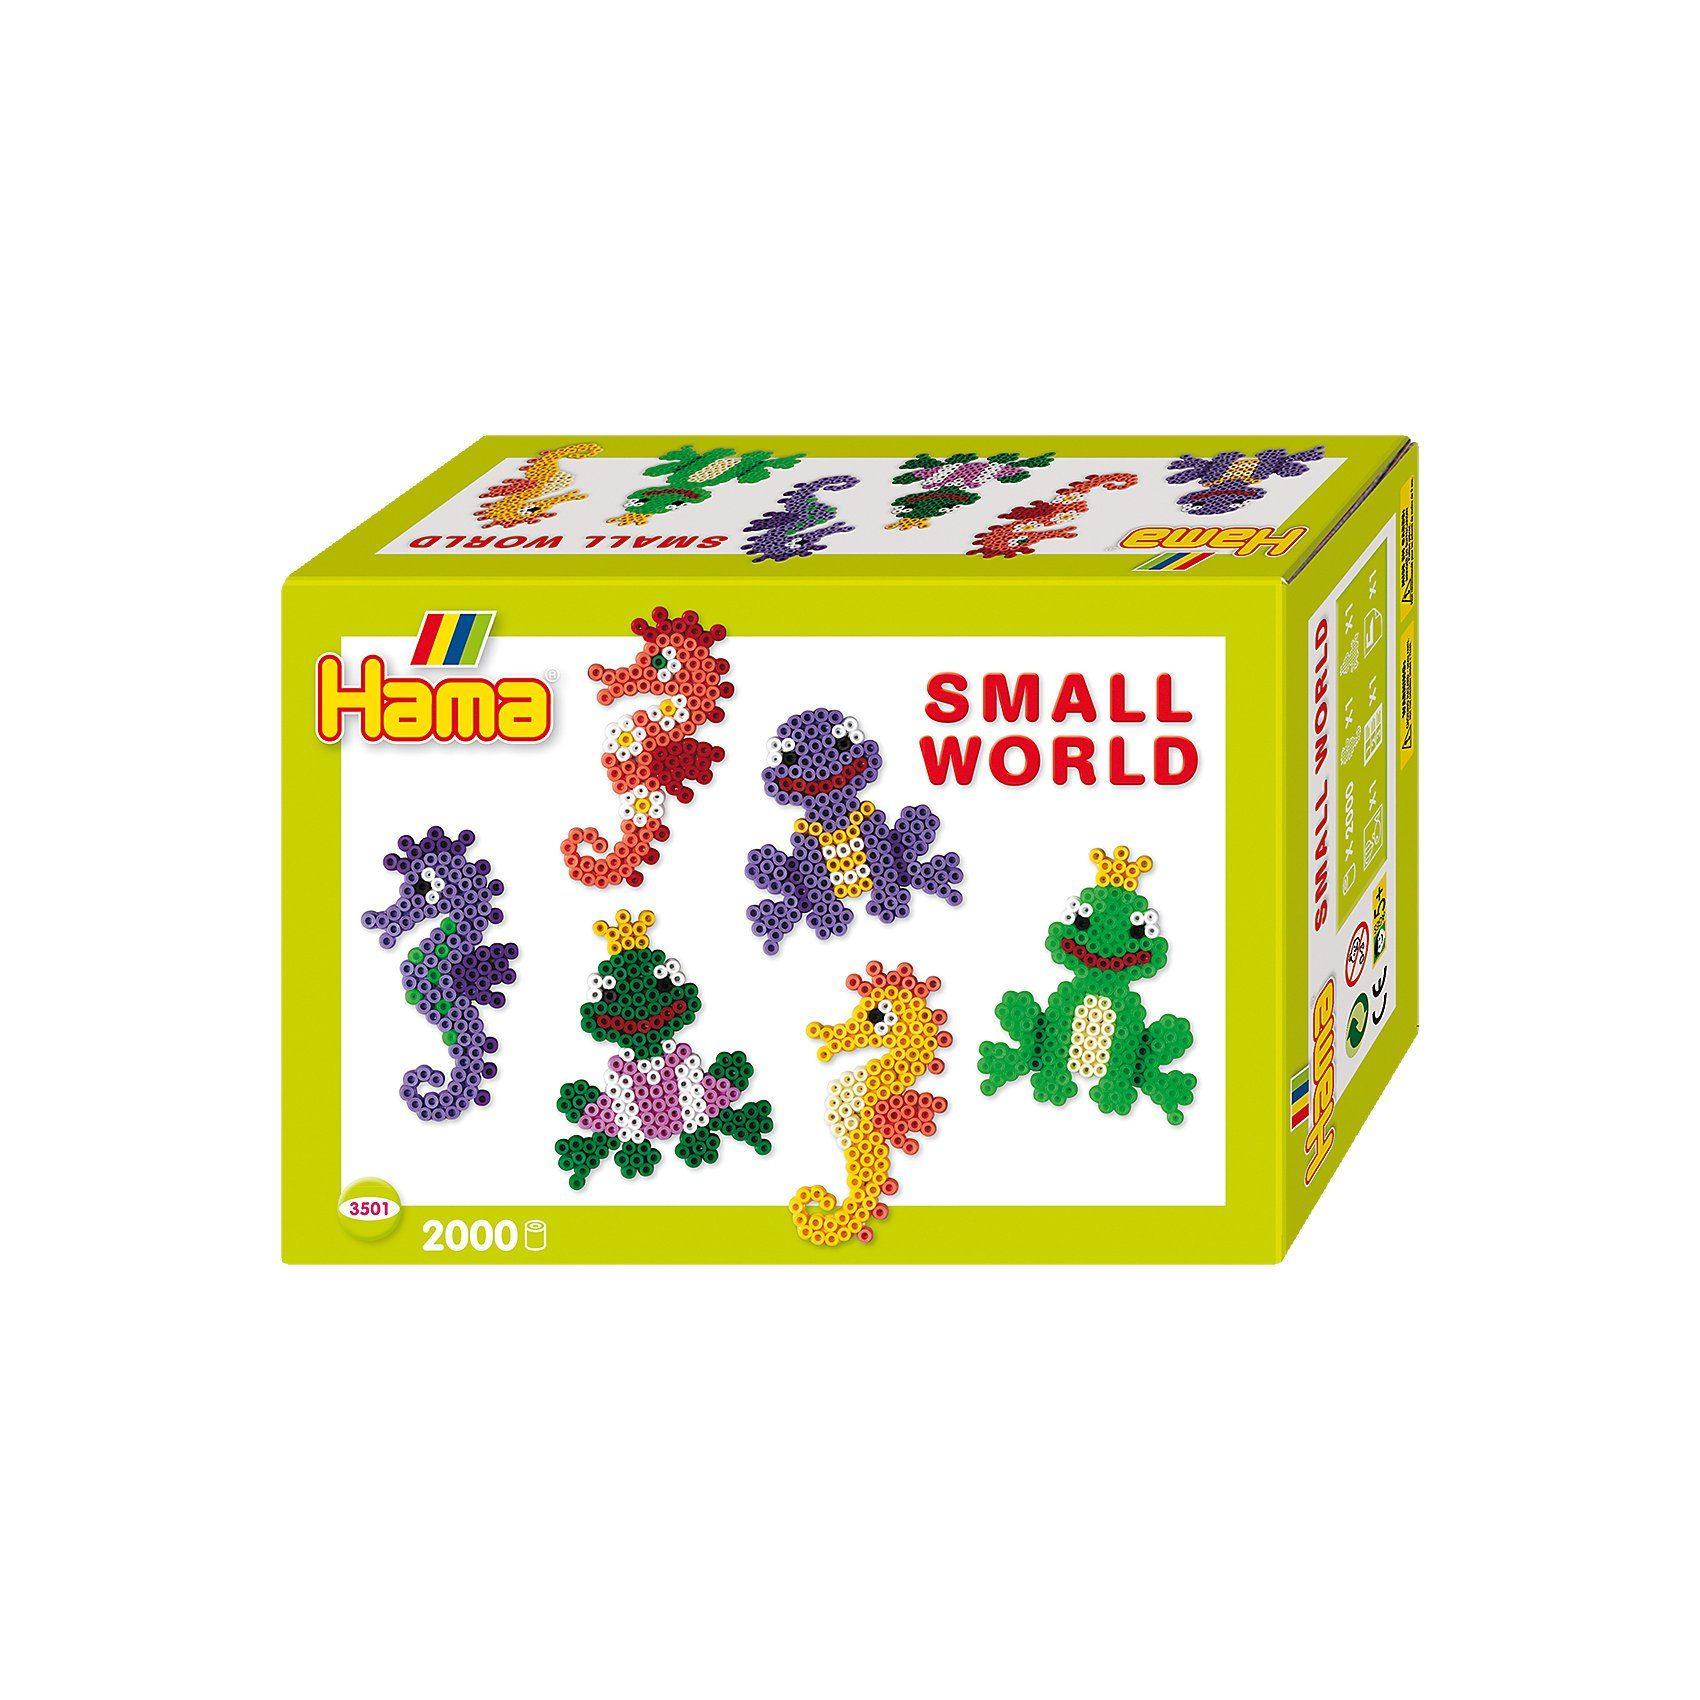 Hama Perlen HAMA 3501 Kleine Welt Seepferdchen + Frosch, 2.000 midi-Perl